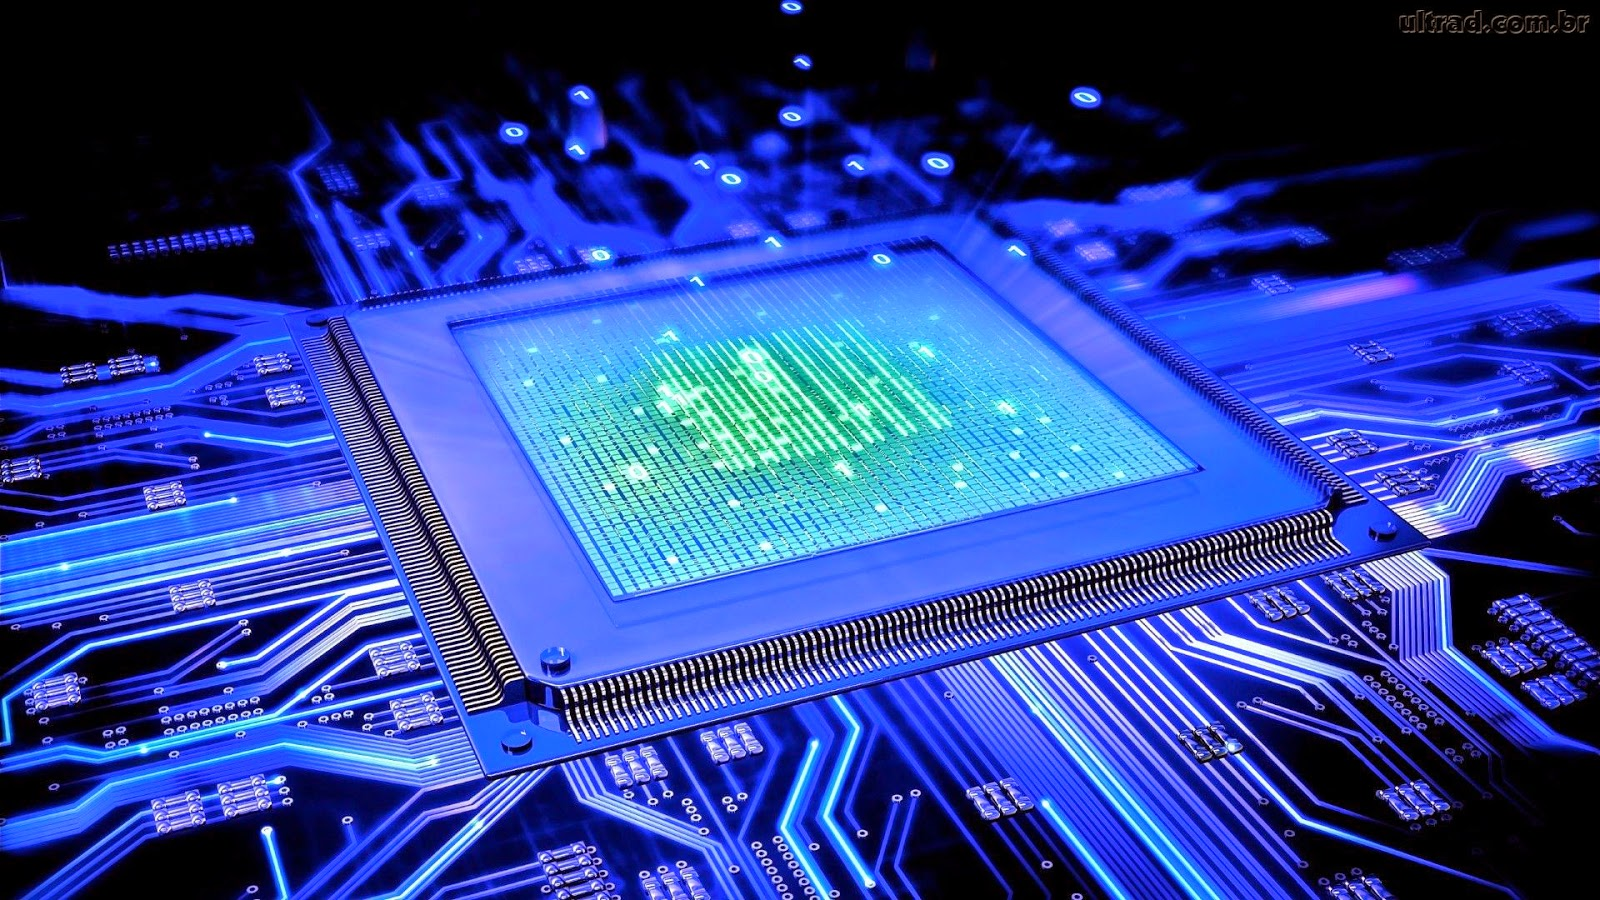 Circuitos Elétricos e Eletrônicos